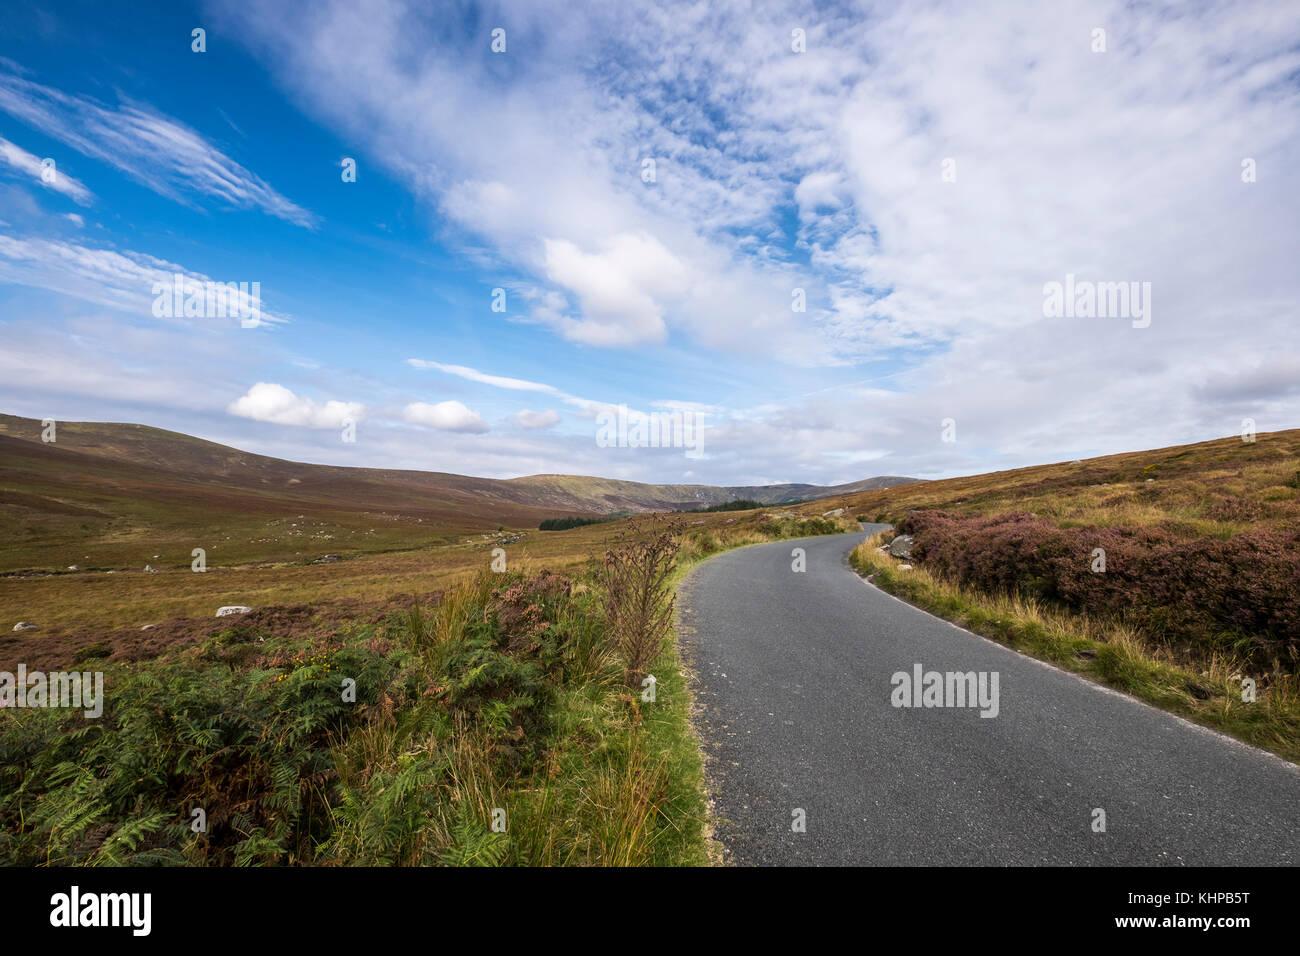 Midget village in upland ca not hear